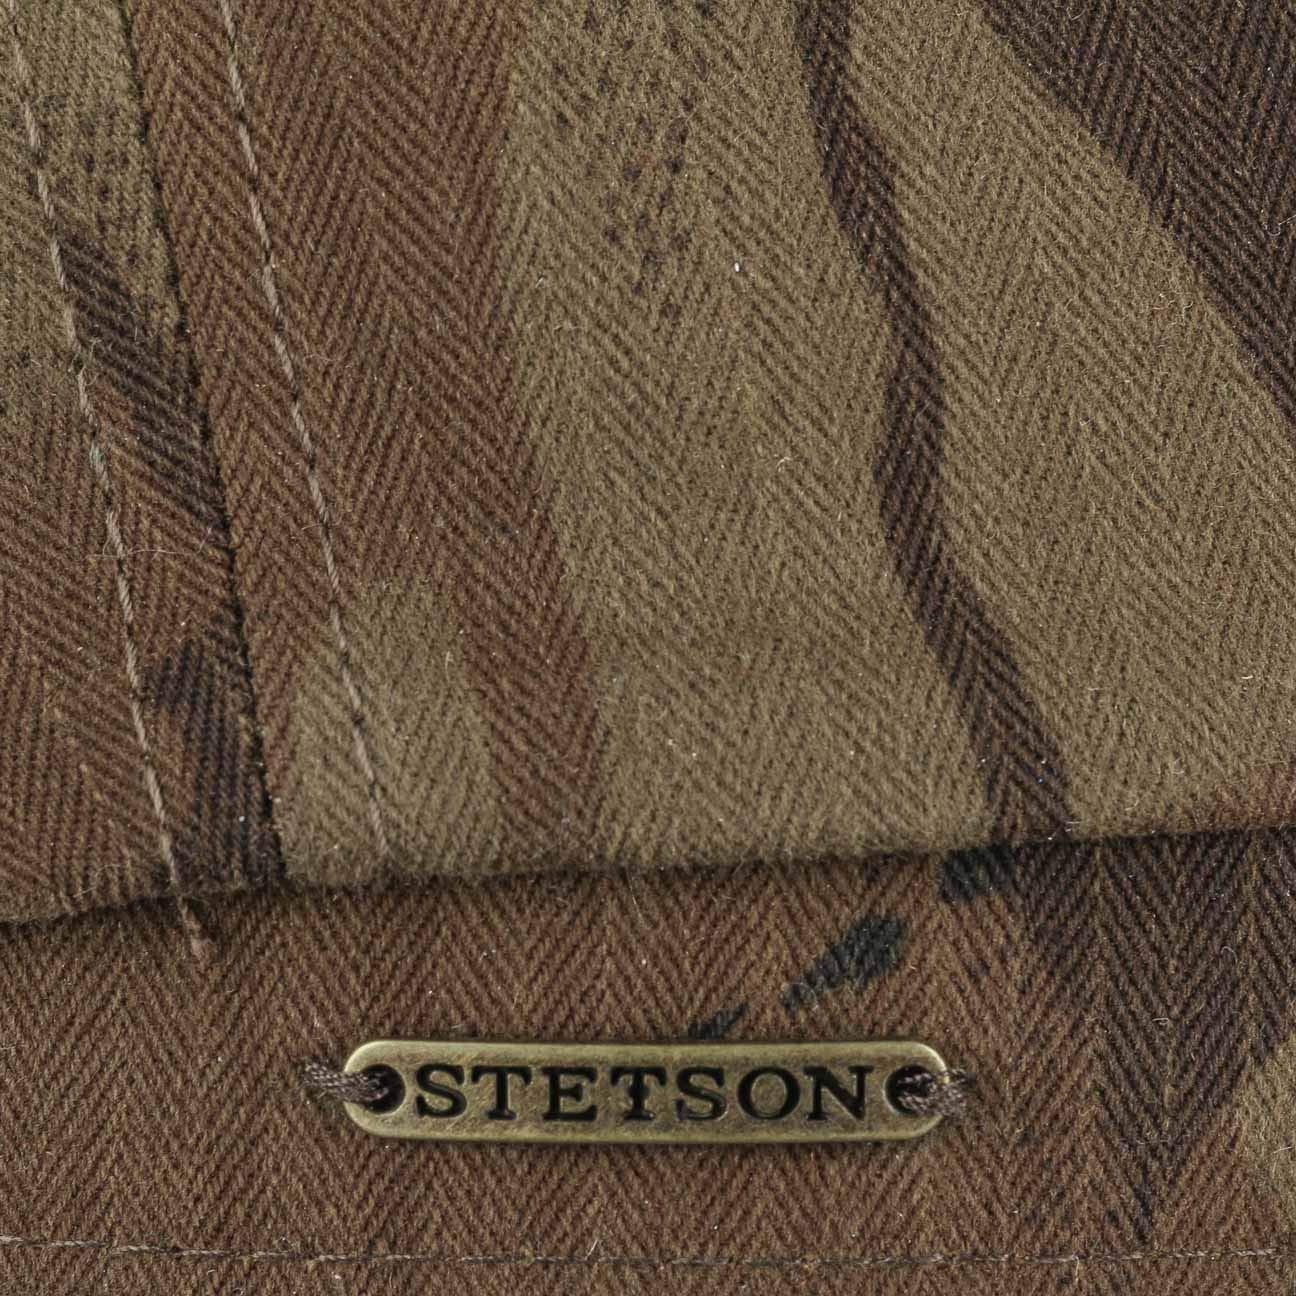 Stetson Coppola Hatteras Waxed Cotton Camo Uomo Made in The EU Berretto Newsboy Piatto Cappellino Outdoor con Visiera Fodera Autunno//Inverno